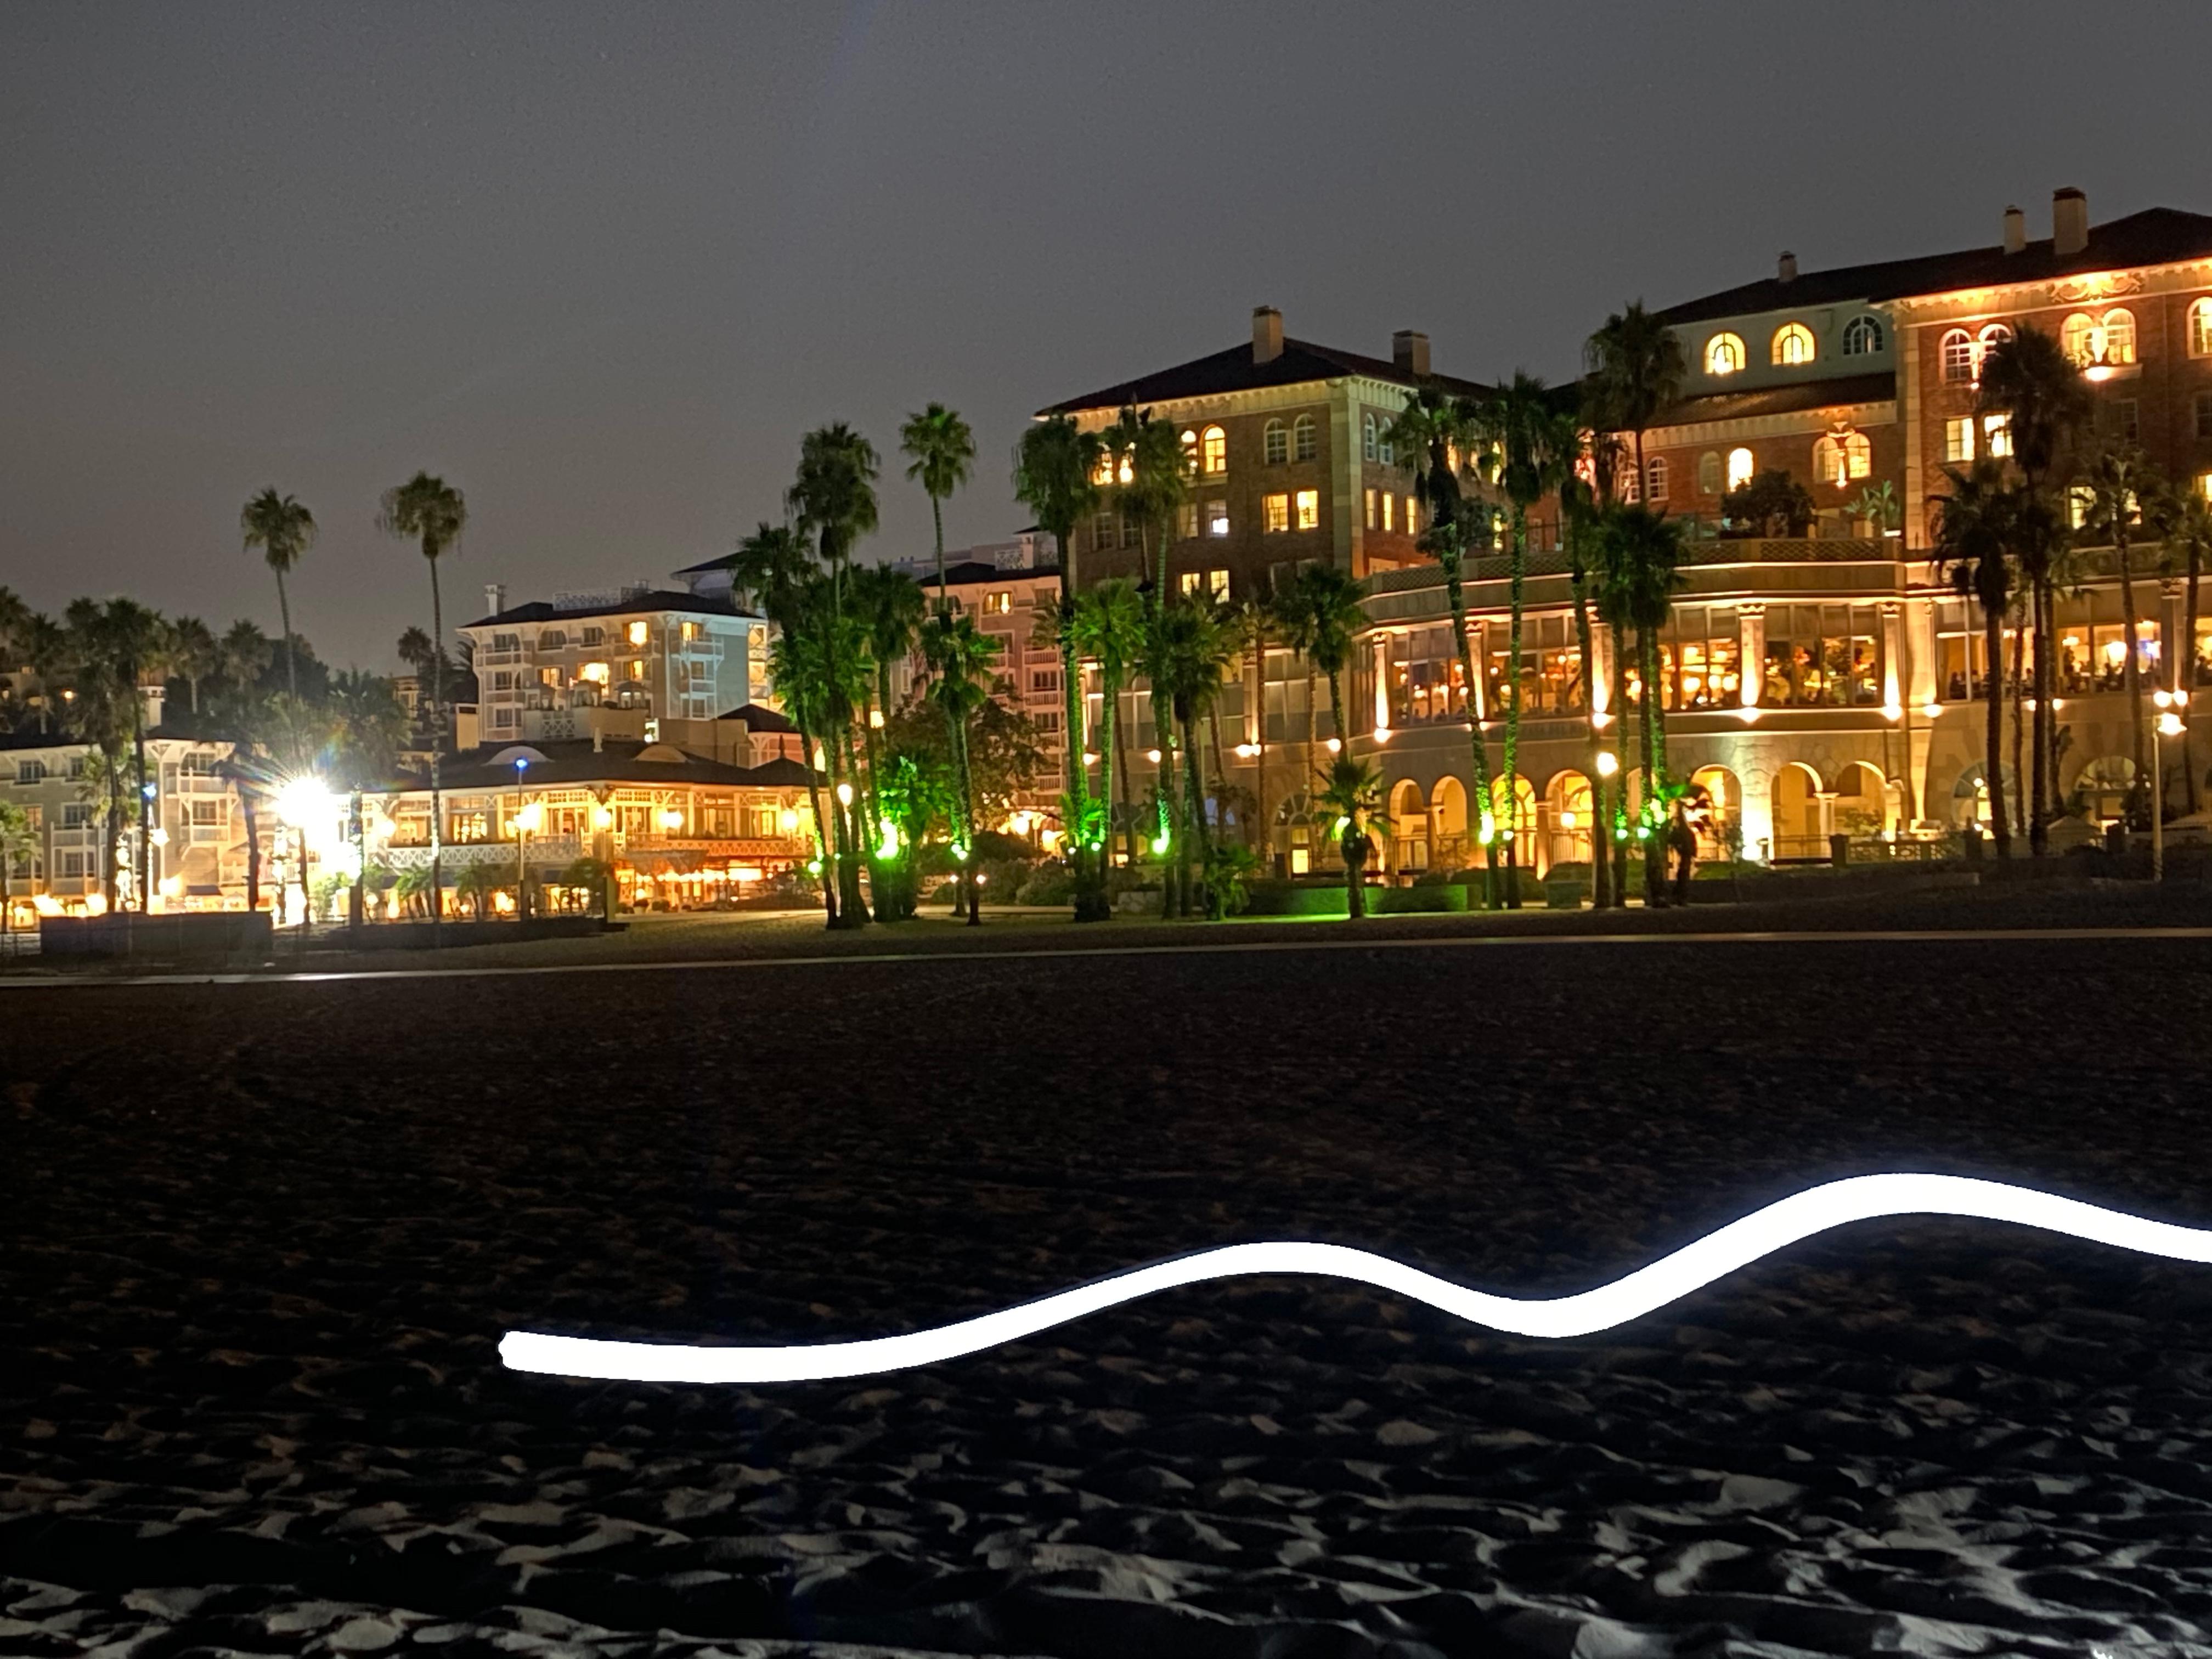 Flashlight Night Shot